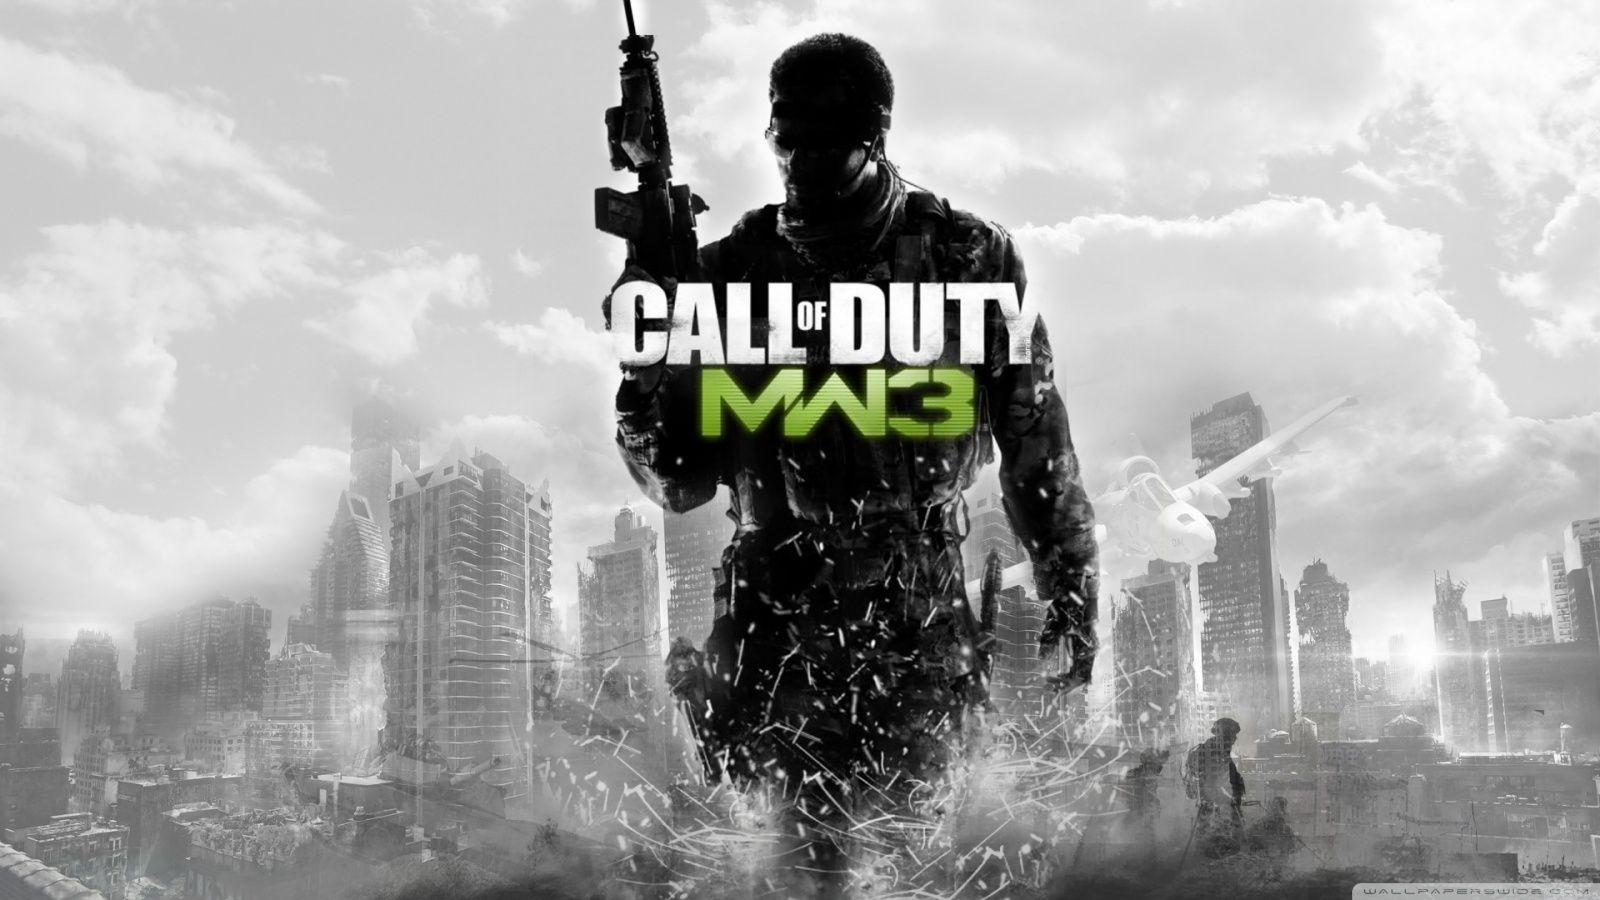 Call Of Duty Modern Warfare 3 Hd Desktop Wallpaper Widescreen Call Of Duty Modern Warfare Ps3 Games Call of duty modern warfare 3 wallpaper